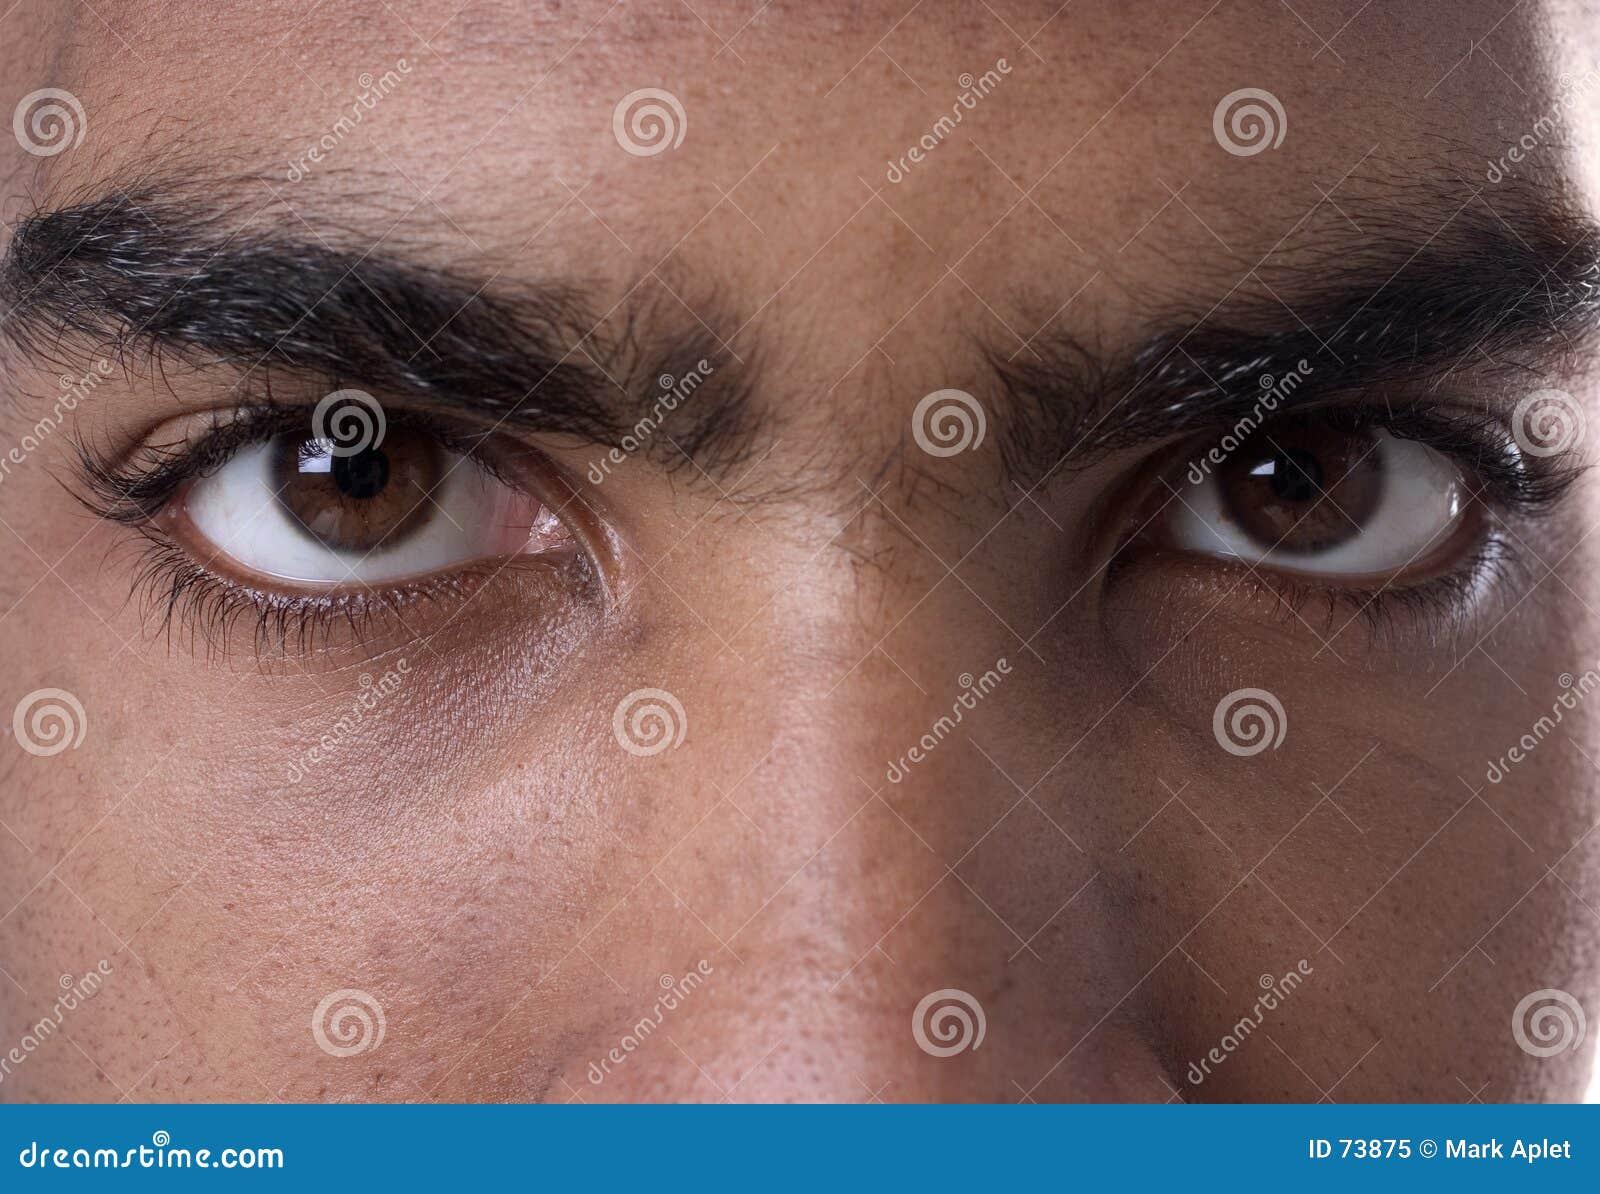 Através de meus olhos?